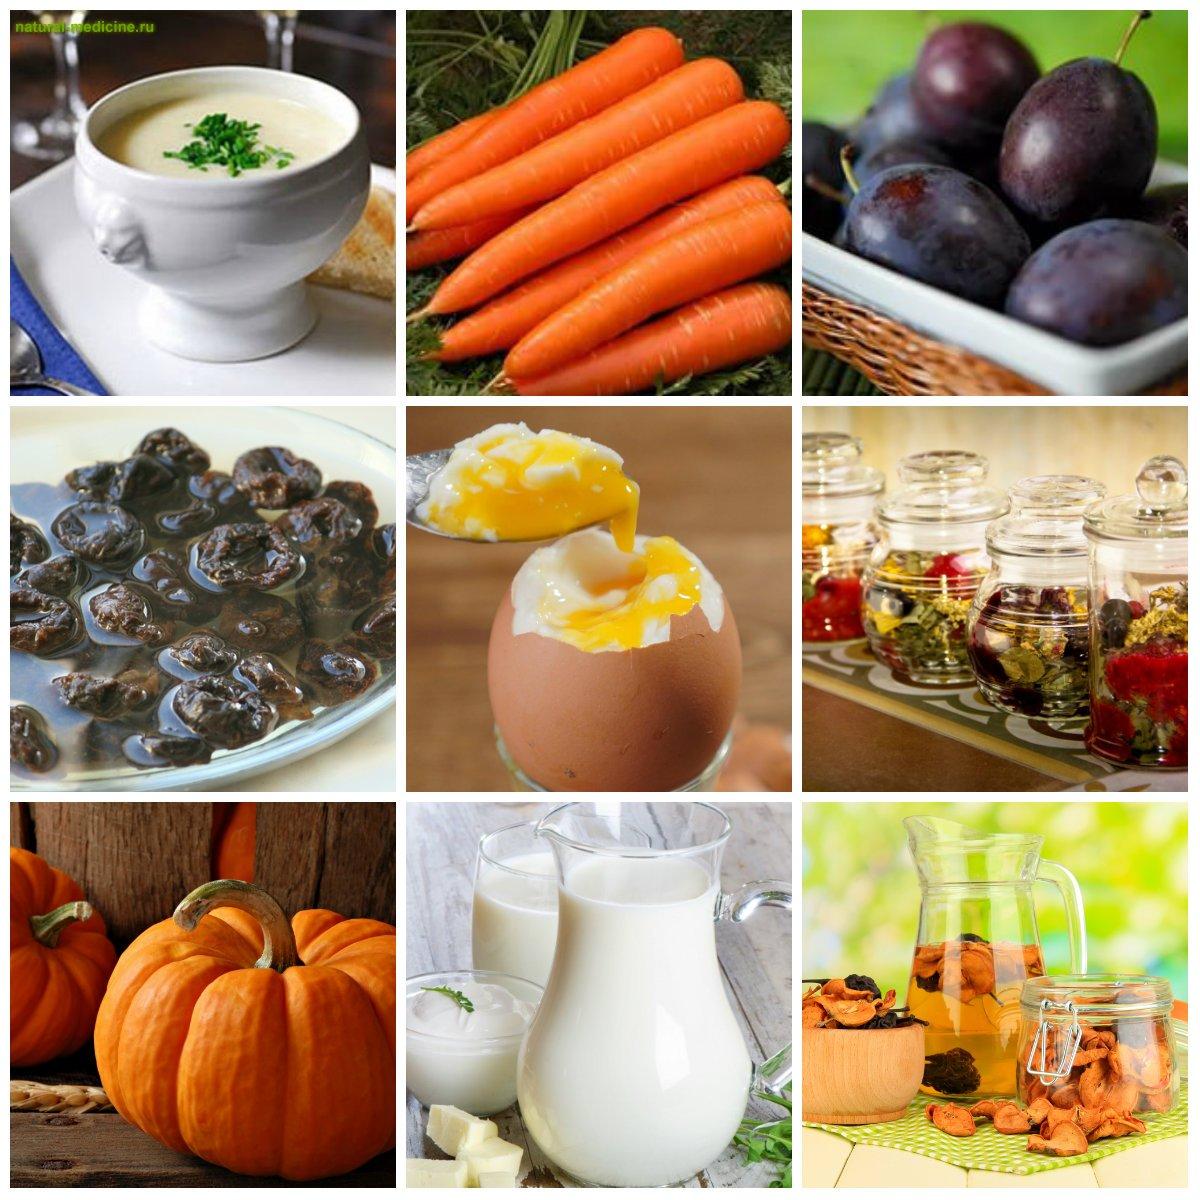 Синдром раздраженного кишечника (СРК) и диета: продукты, которые вы можете есть